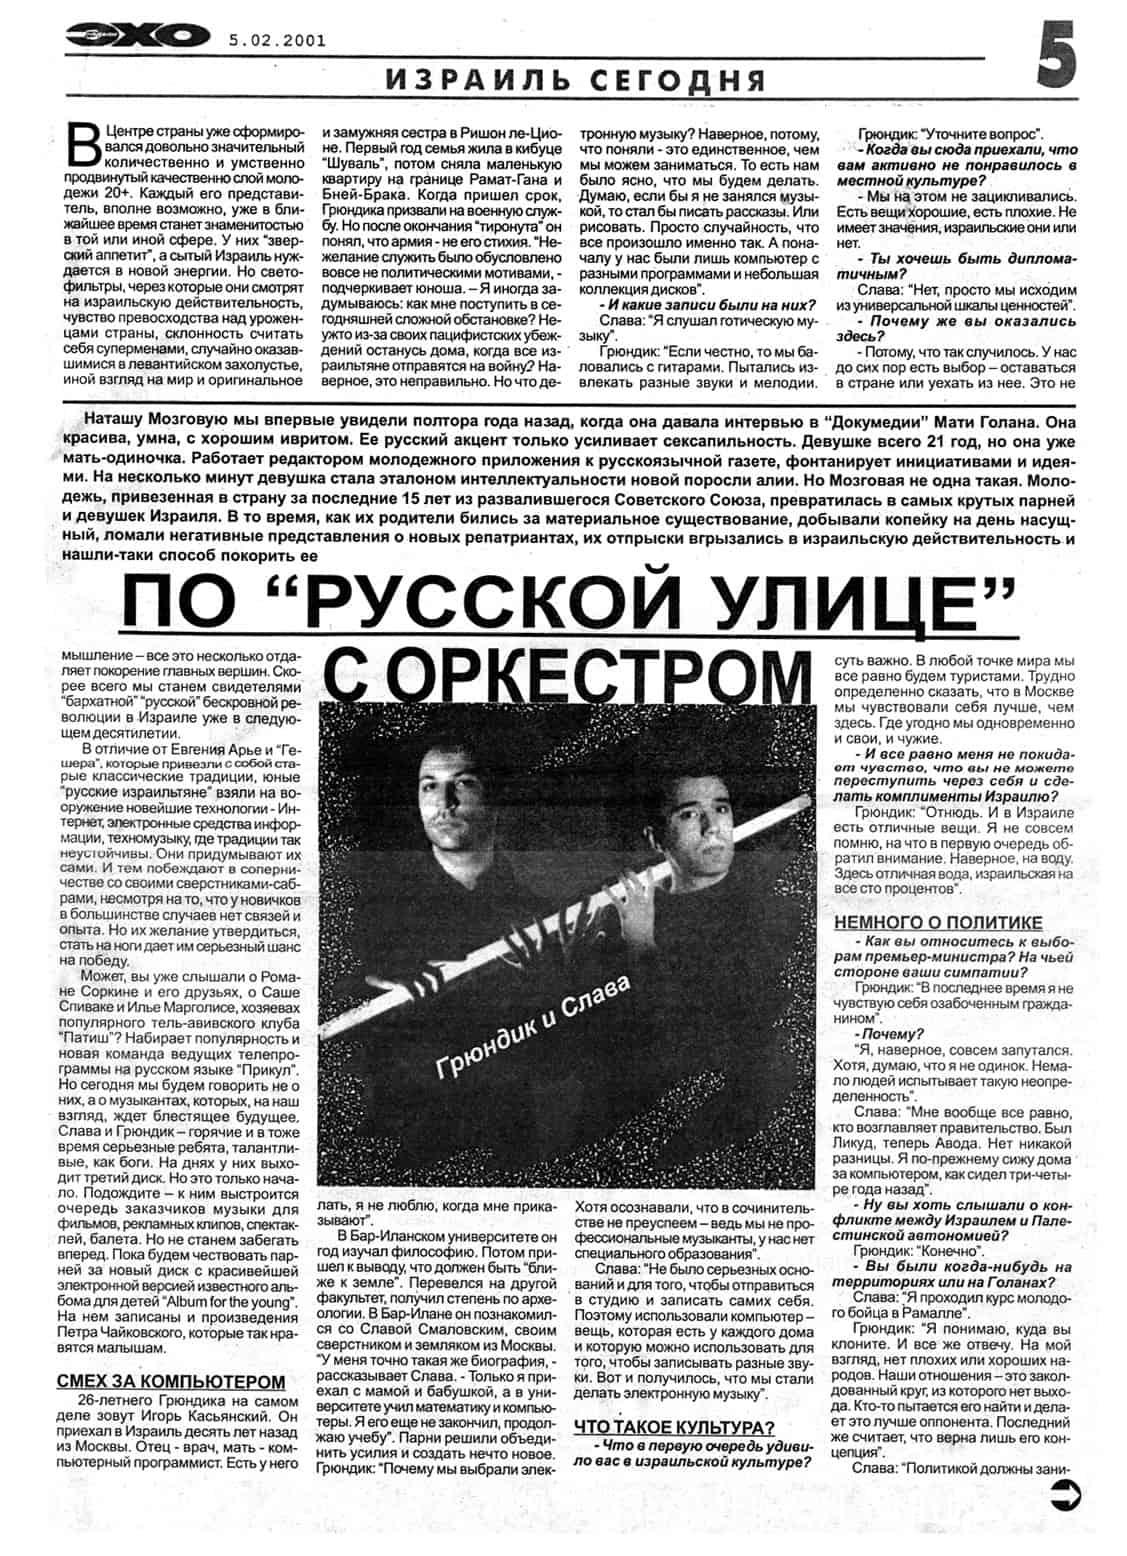 05 02 01 part1 - Echo, Interview with Grundik+Slava, 05.02.2001